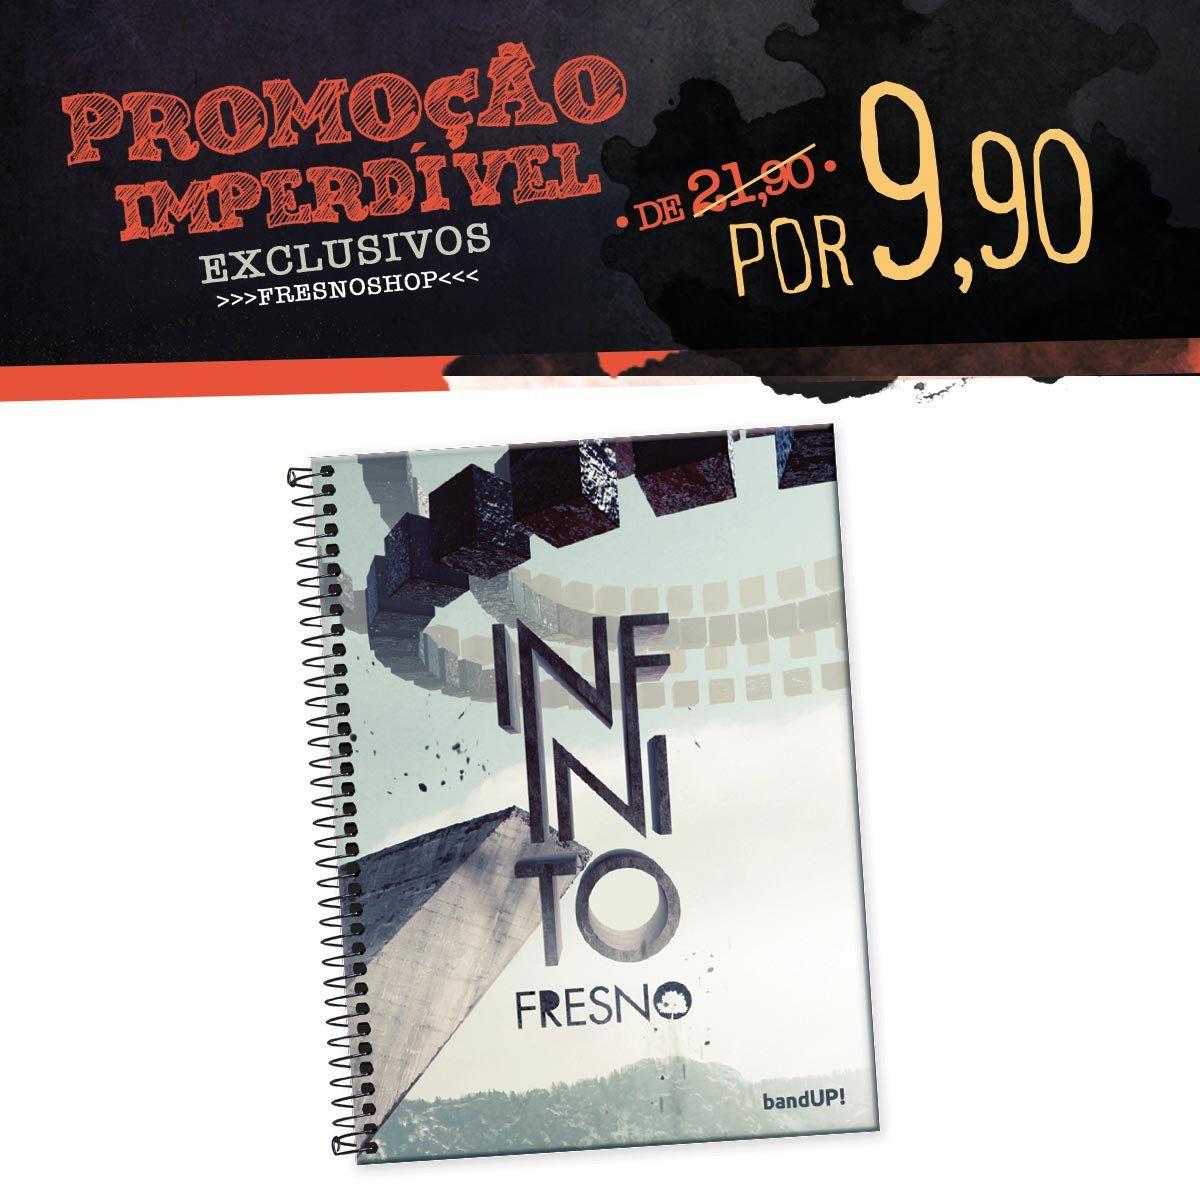 Caderno Fresno - Infinito